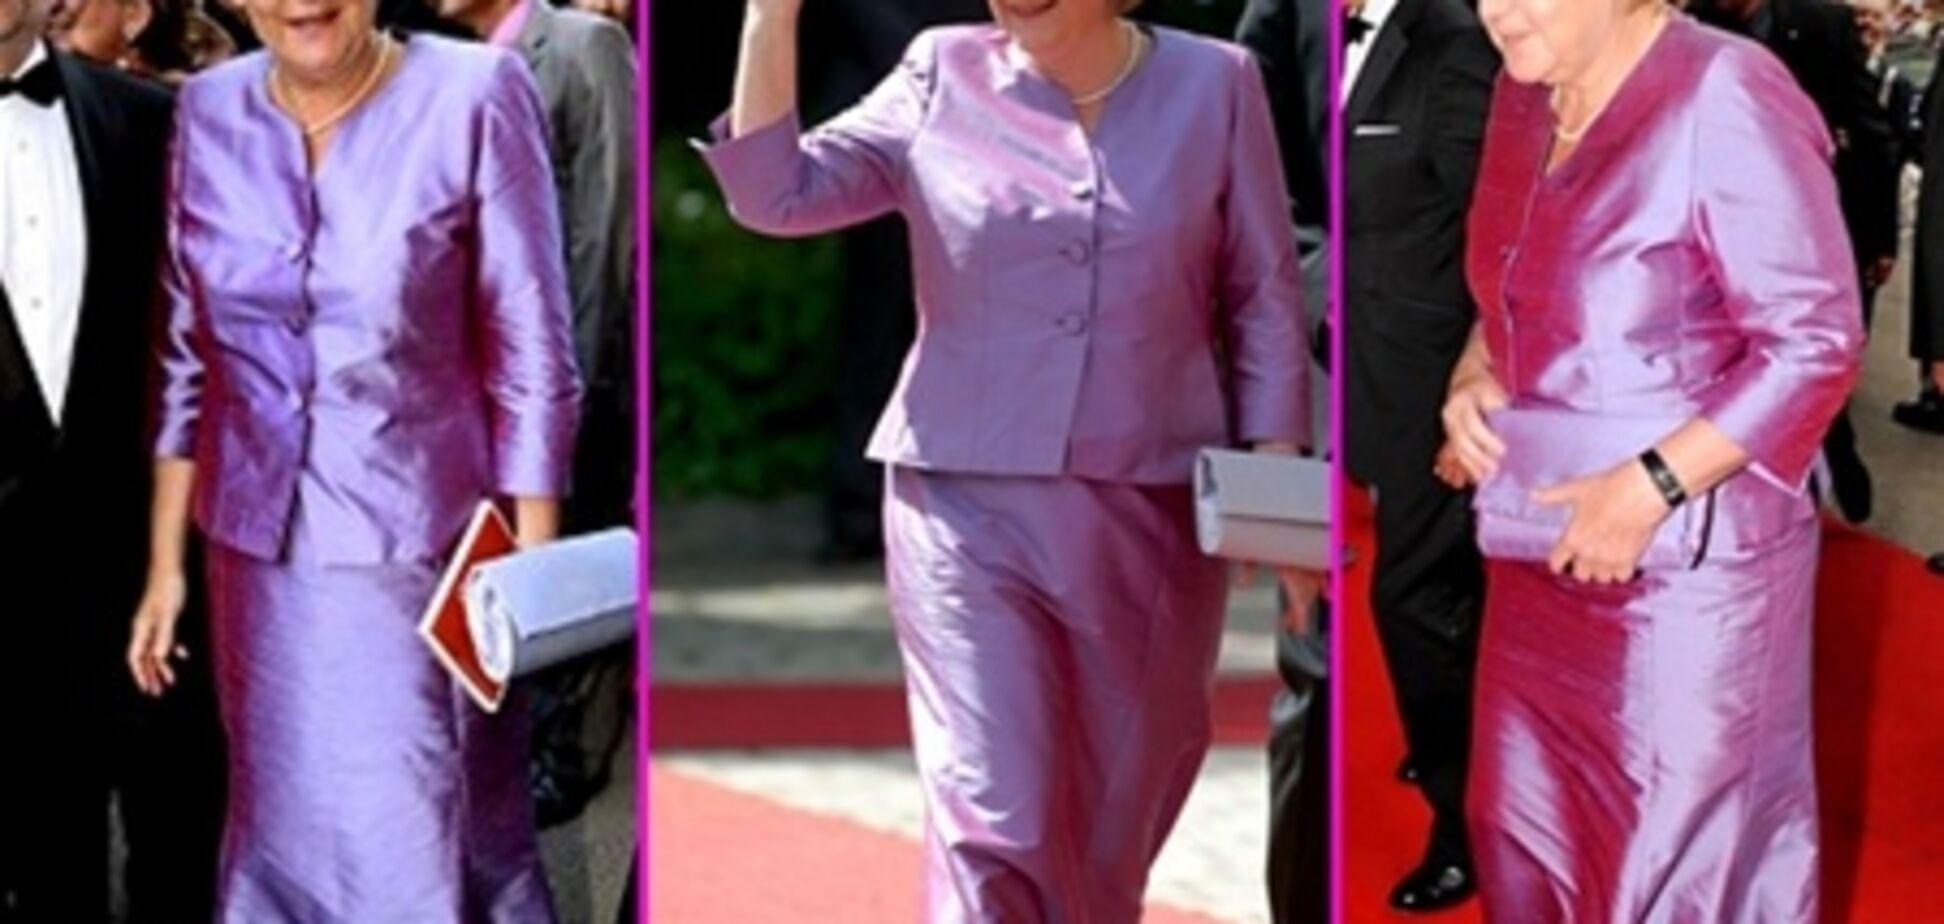 Ангела Меркель опозорилась в старом платье